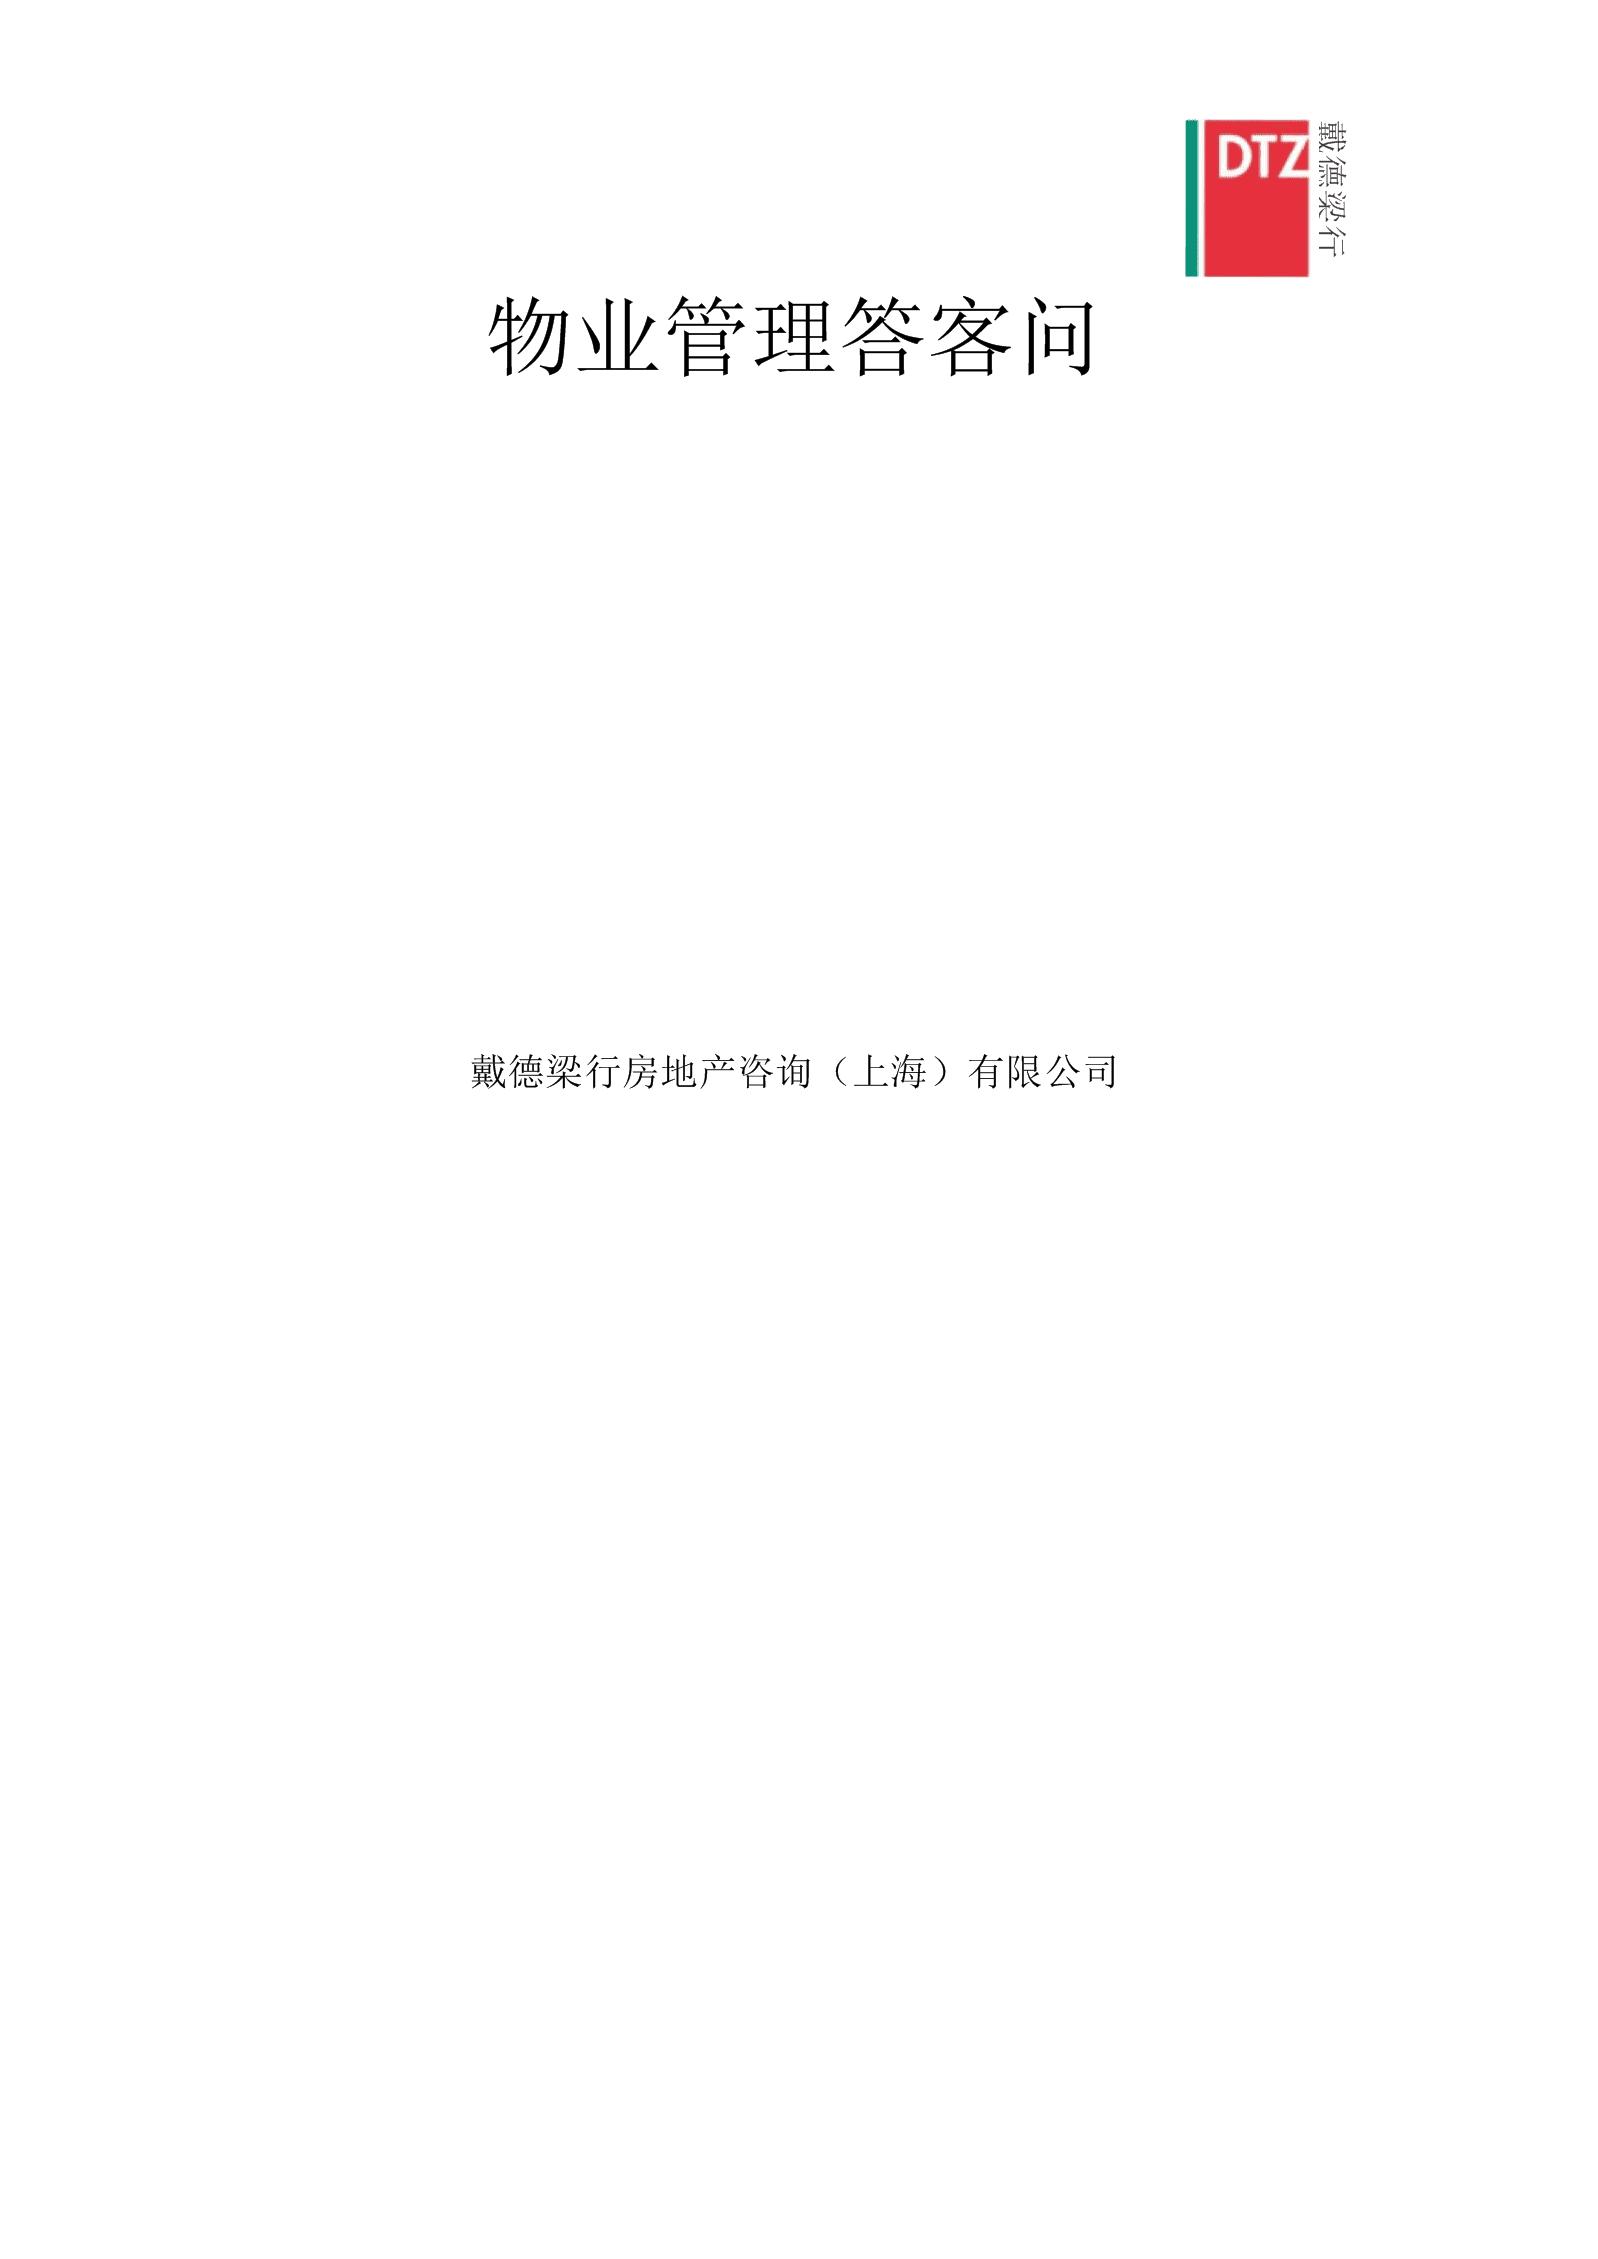 戴德梁行答客问-物业管理.docx